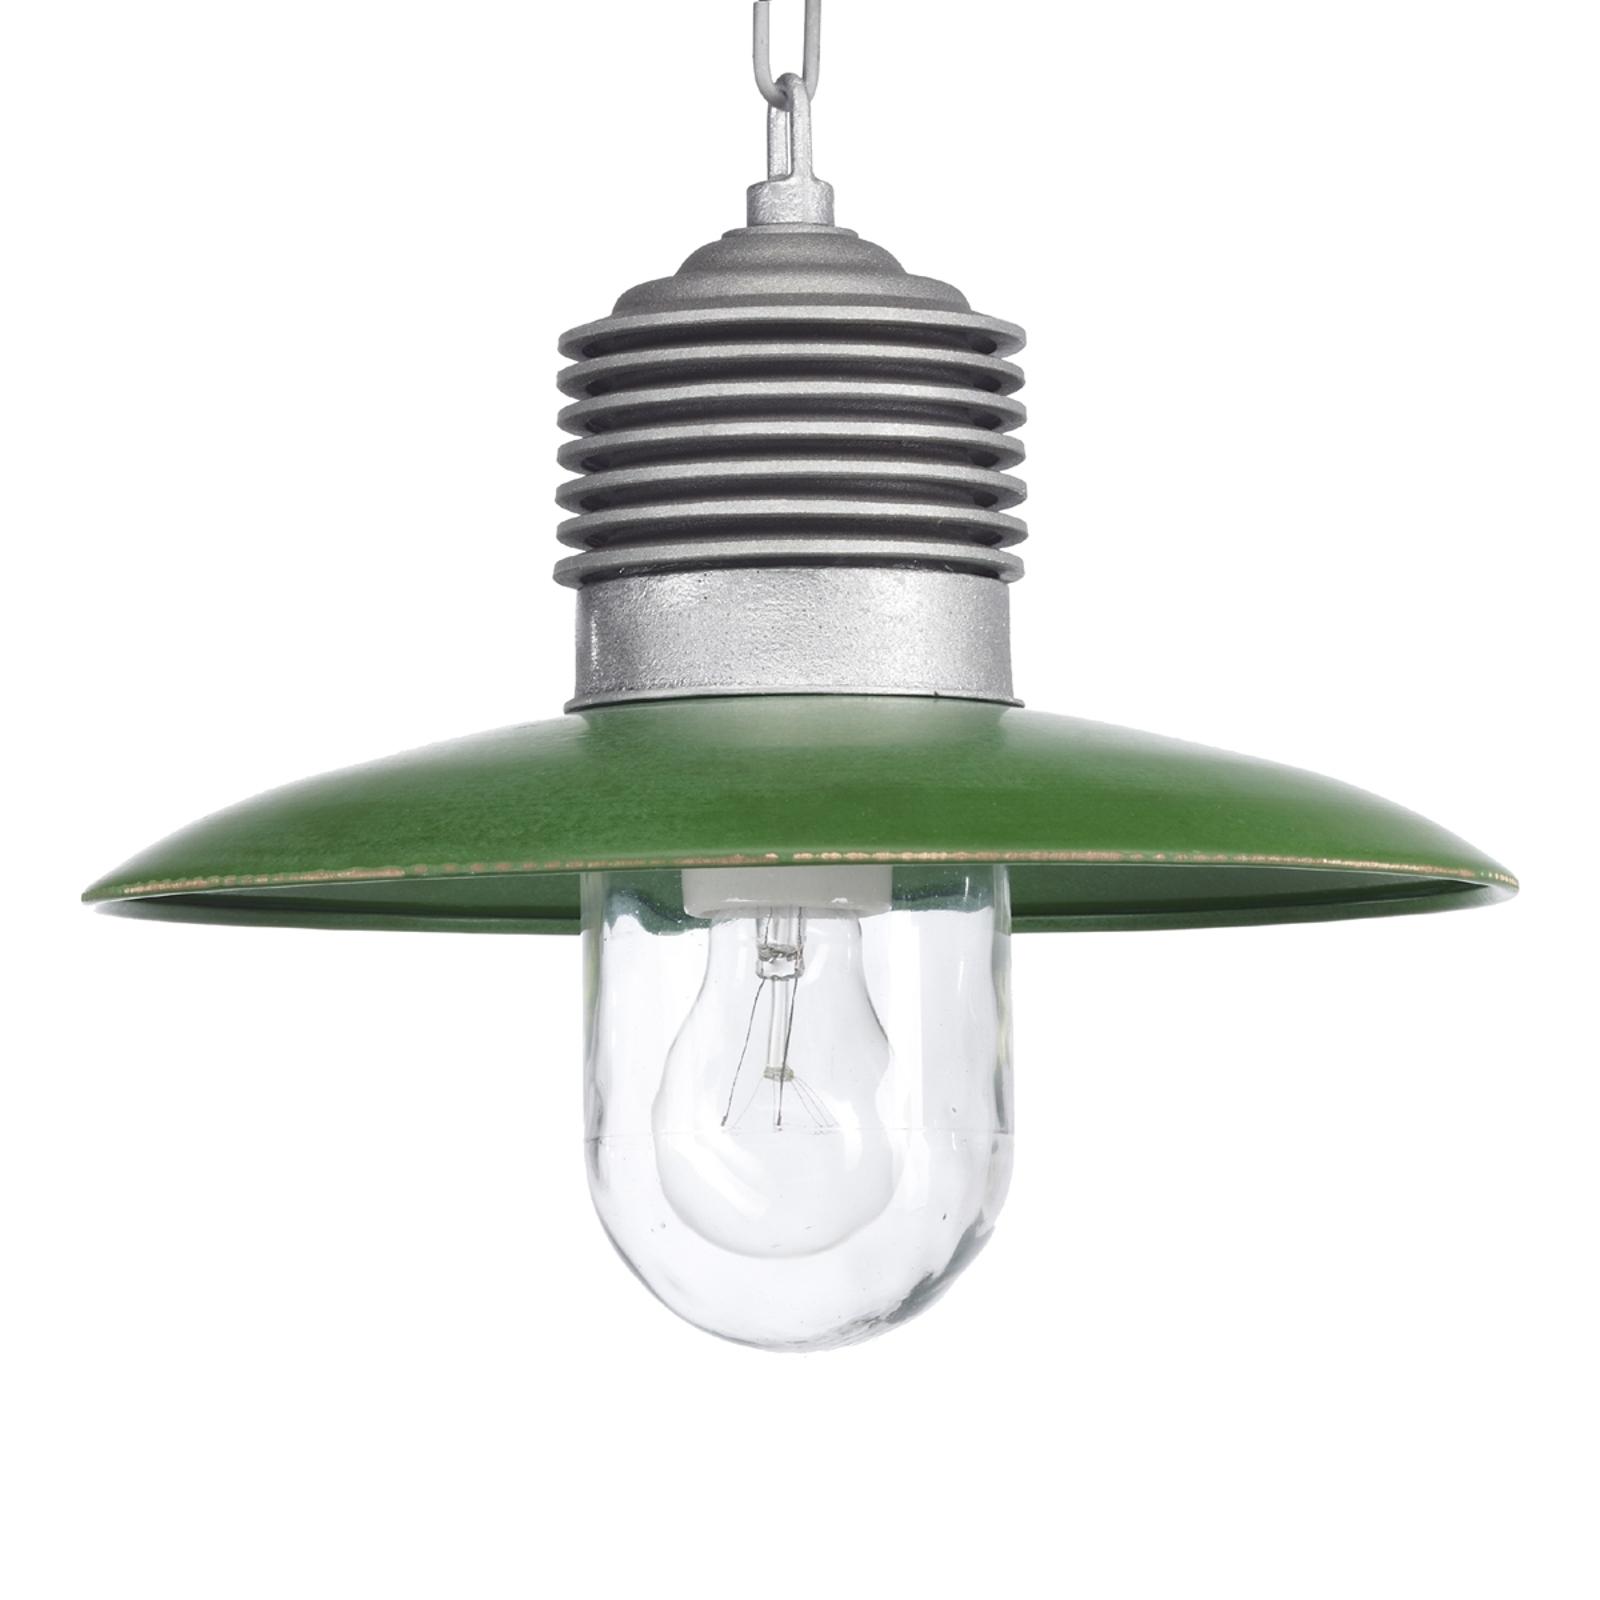 Klassisk utomhus-hänglampa Ampere aluminium/grön